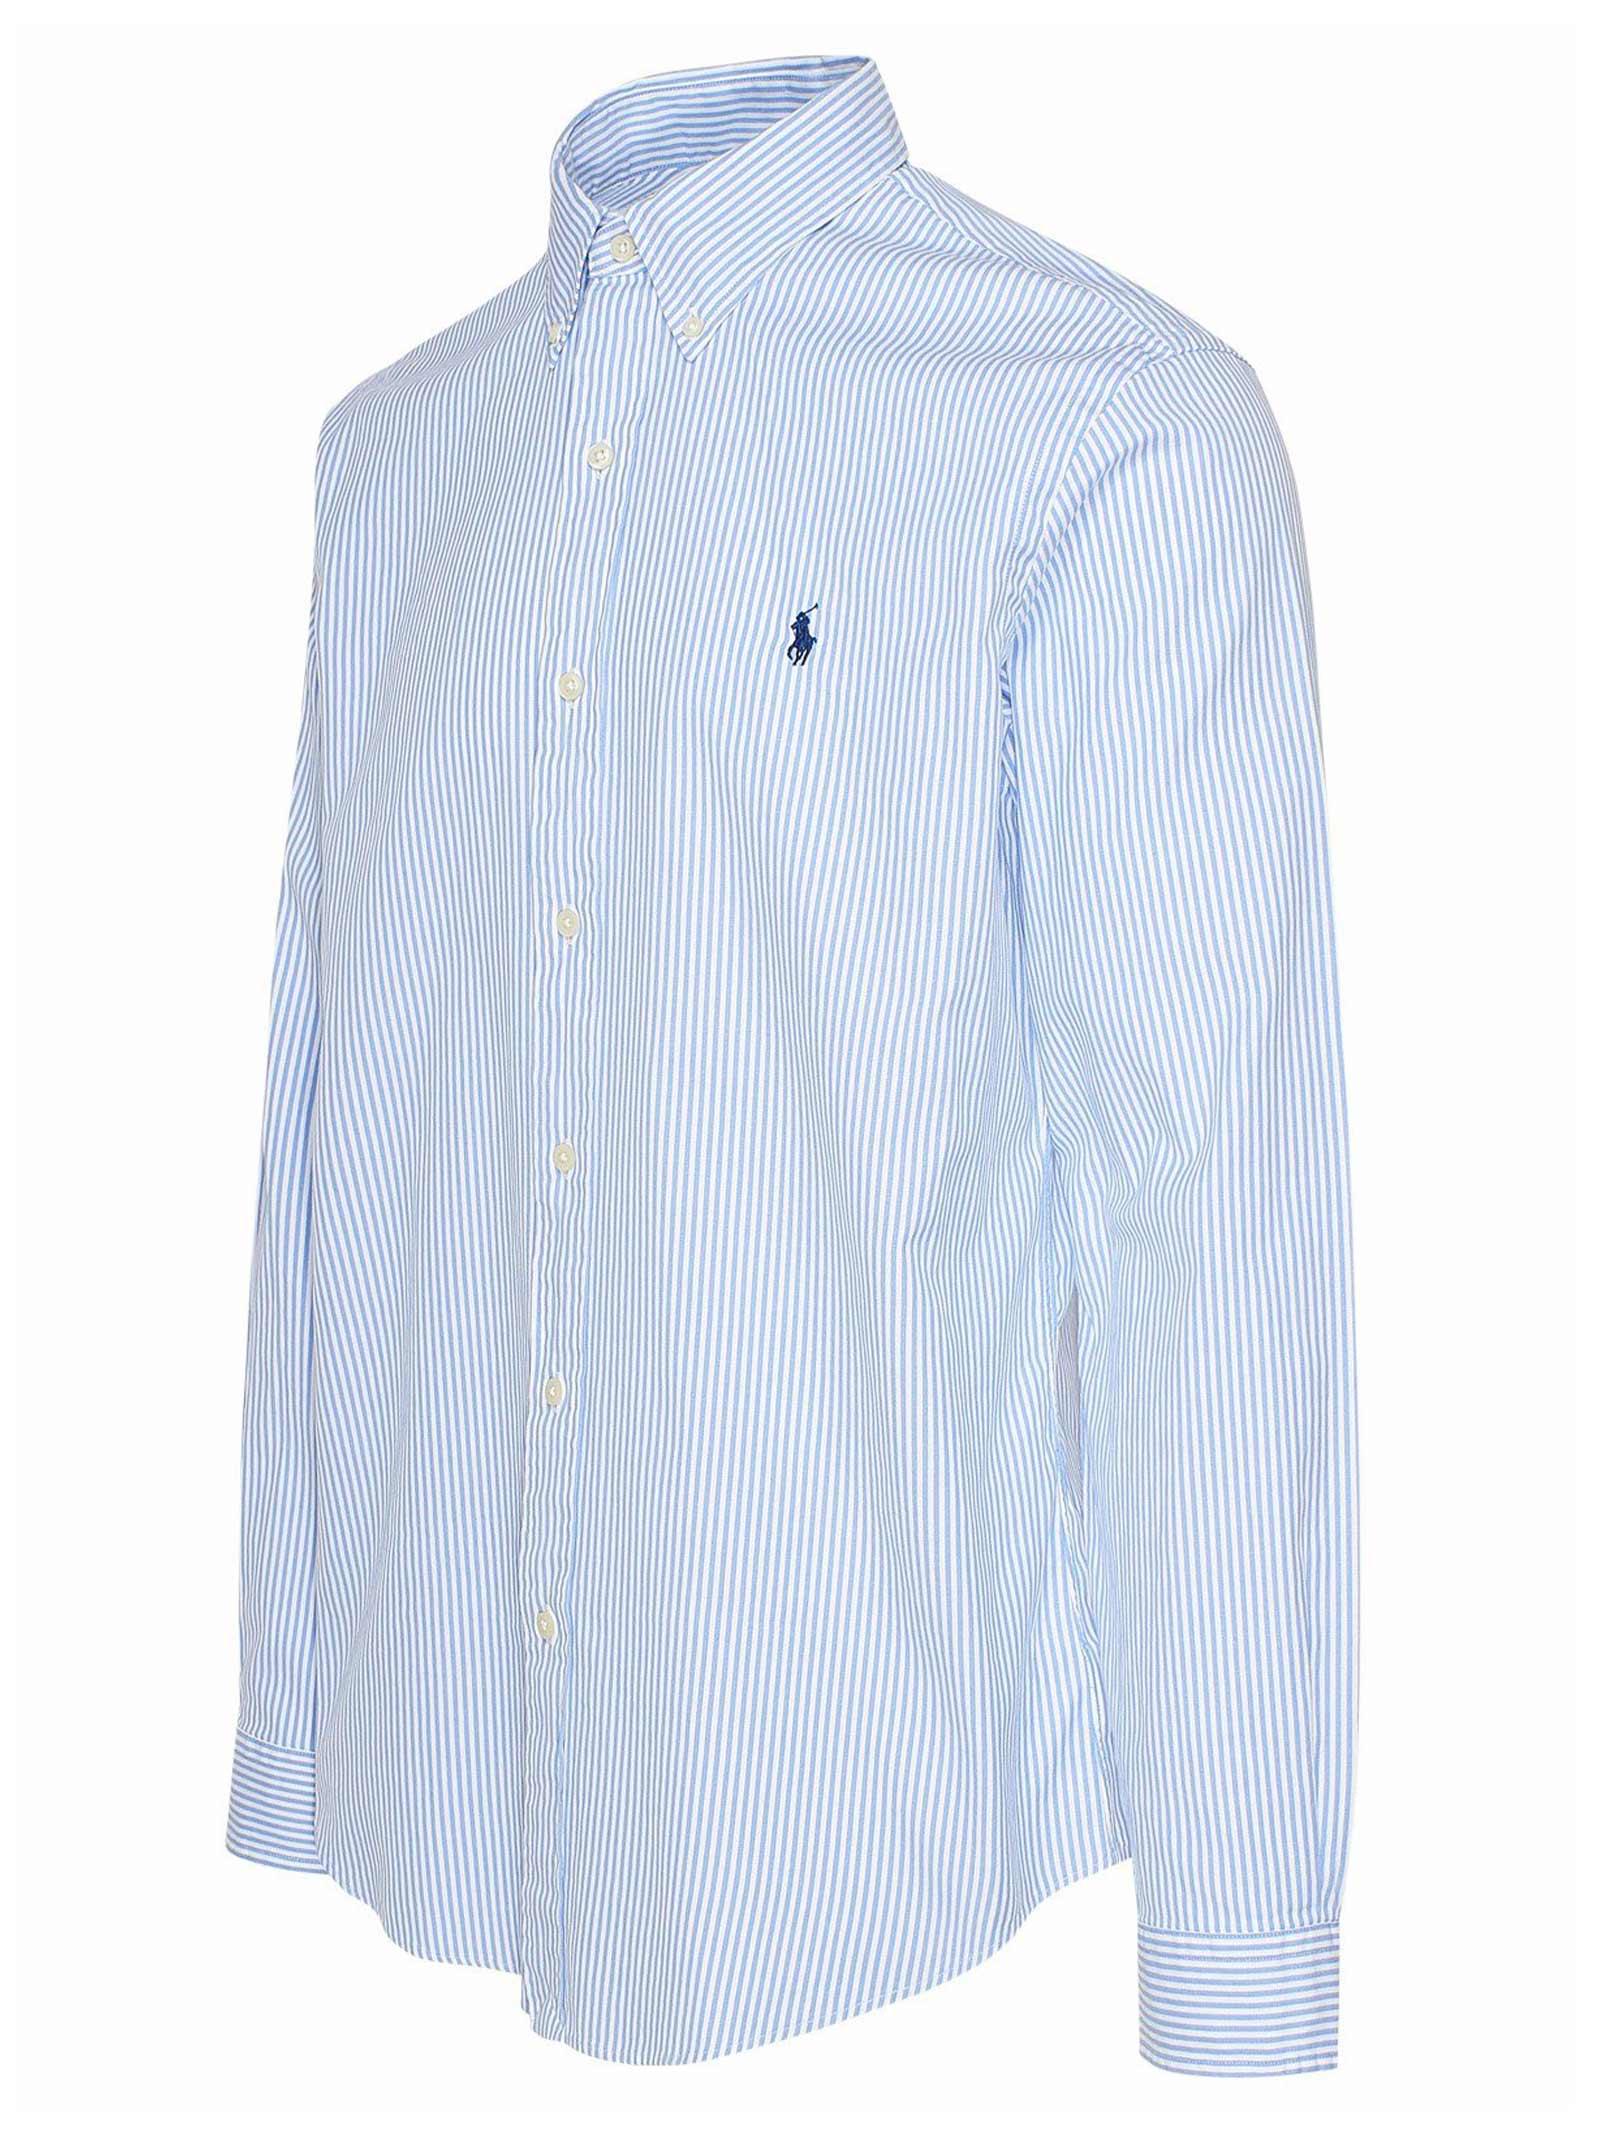 Camicia  in cotone con collo button down RALPH LAUREN | Camicia | 710-829480005